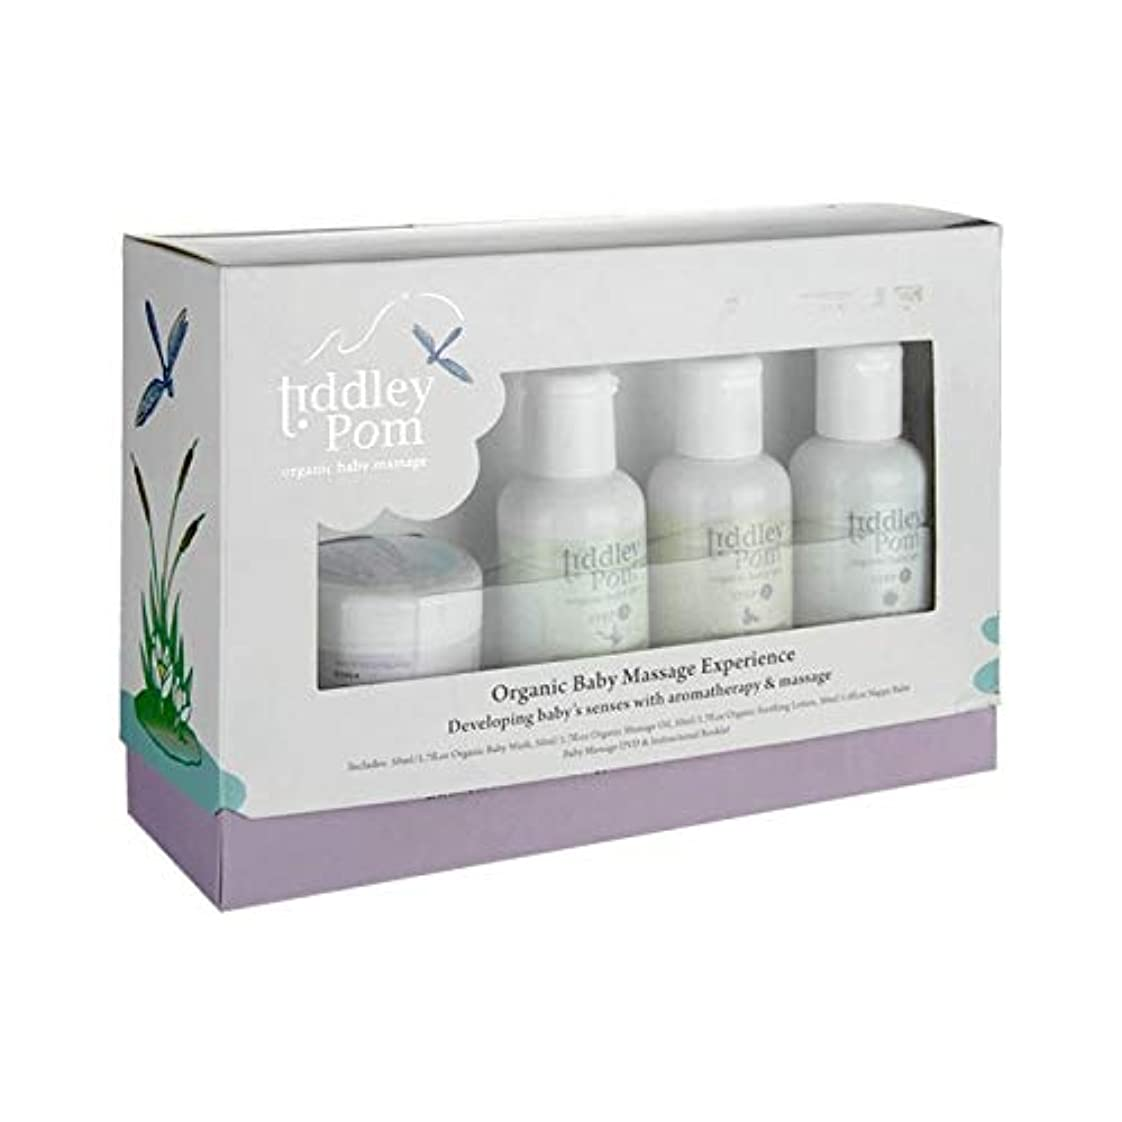 贈り物草間[Tiddley Pom] Tiddleyポンポン有機ベビーマッサージのギフトセット - Tiddley Pom Organic Baby Massage Gift set [並行輸入品]